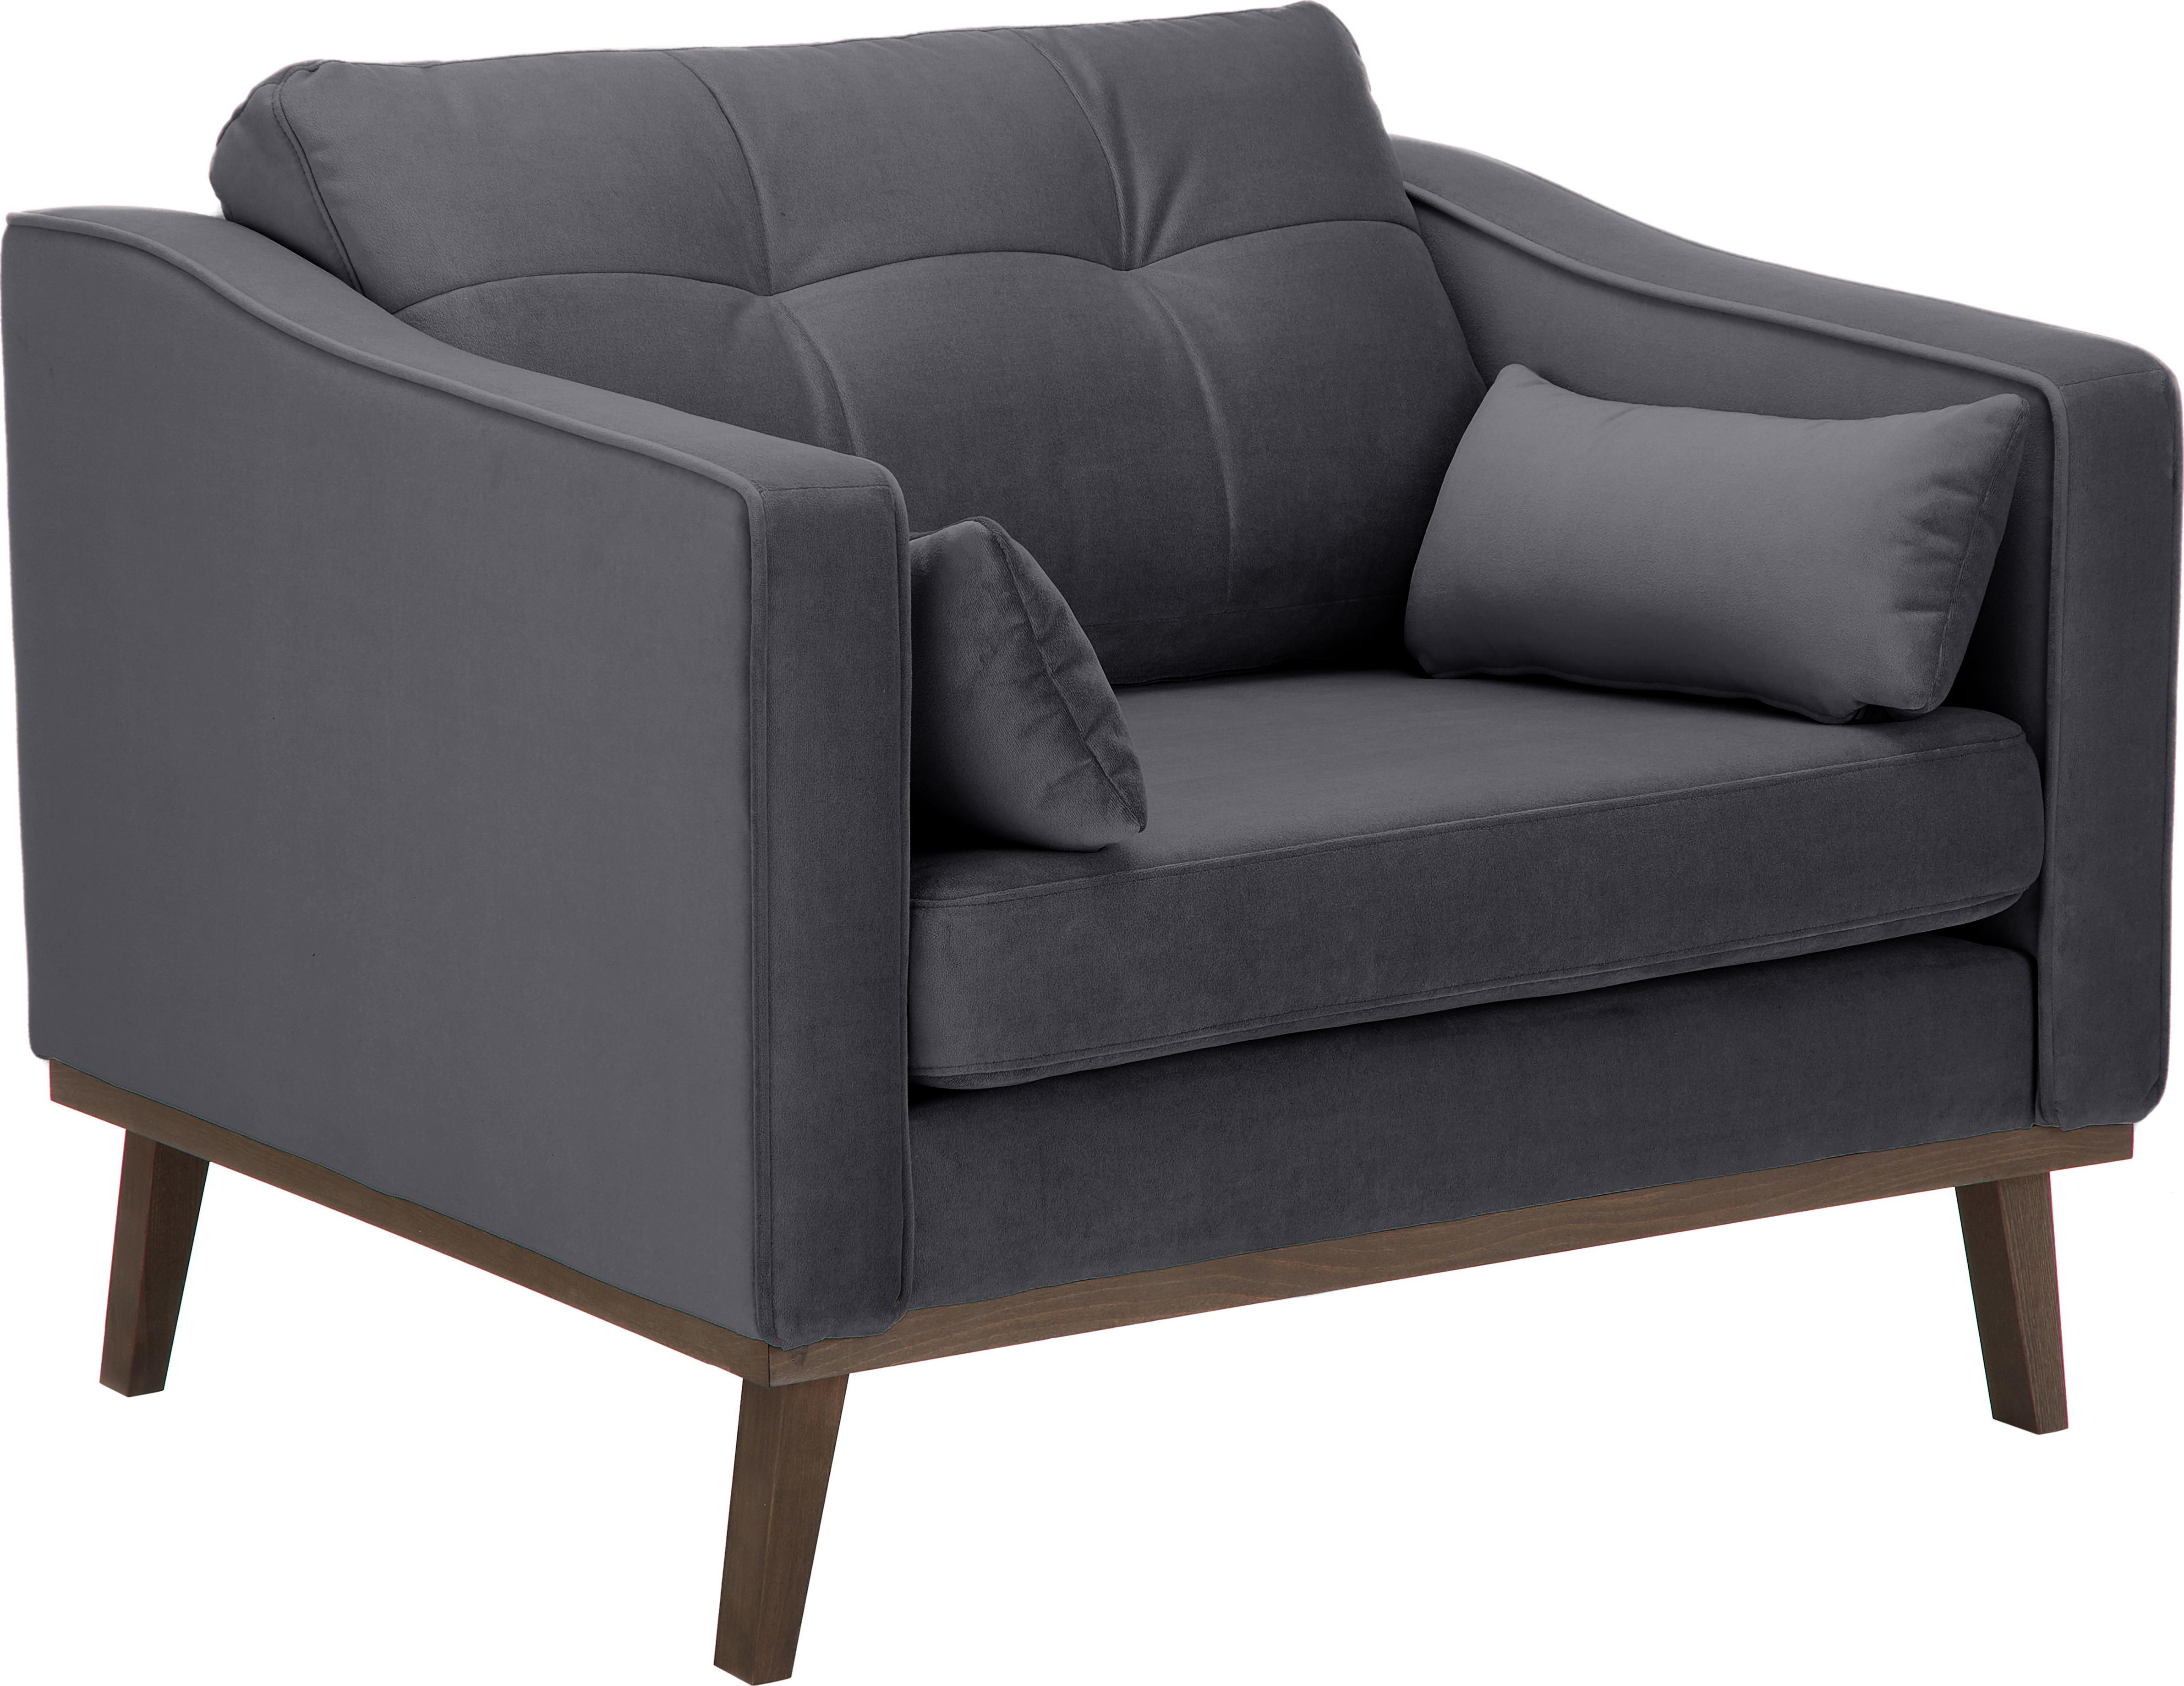 Fotel z aksamitu Alva, Tapicerka: aksamit (wysokiej jakości, Stelaż: drewno sosnowe, Nogi: lite drewno bukowe, barwi, Tapicerka: szary Nogi: drewno bukowe, bejcowane na ciemno, S 102 x G 94 cm